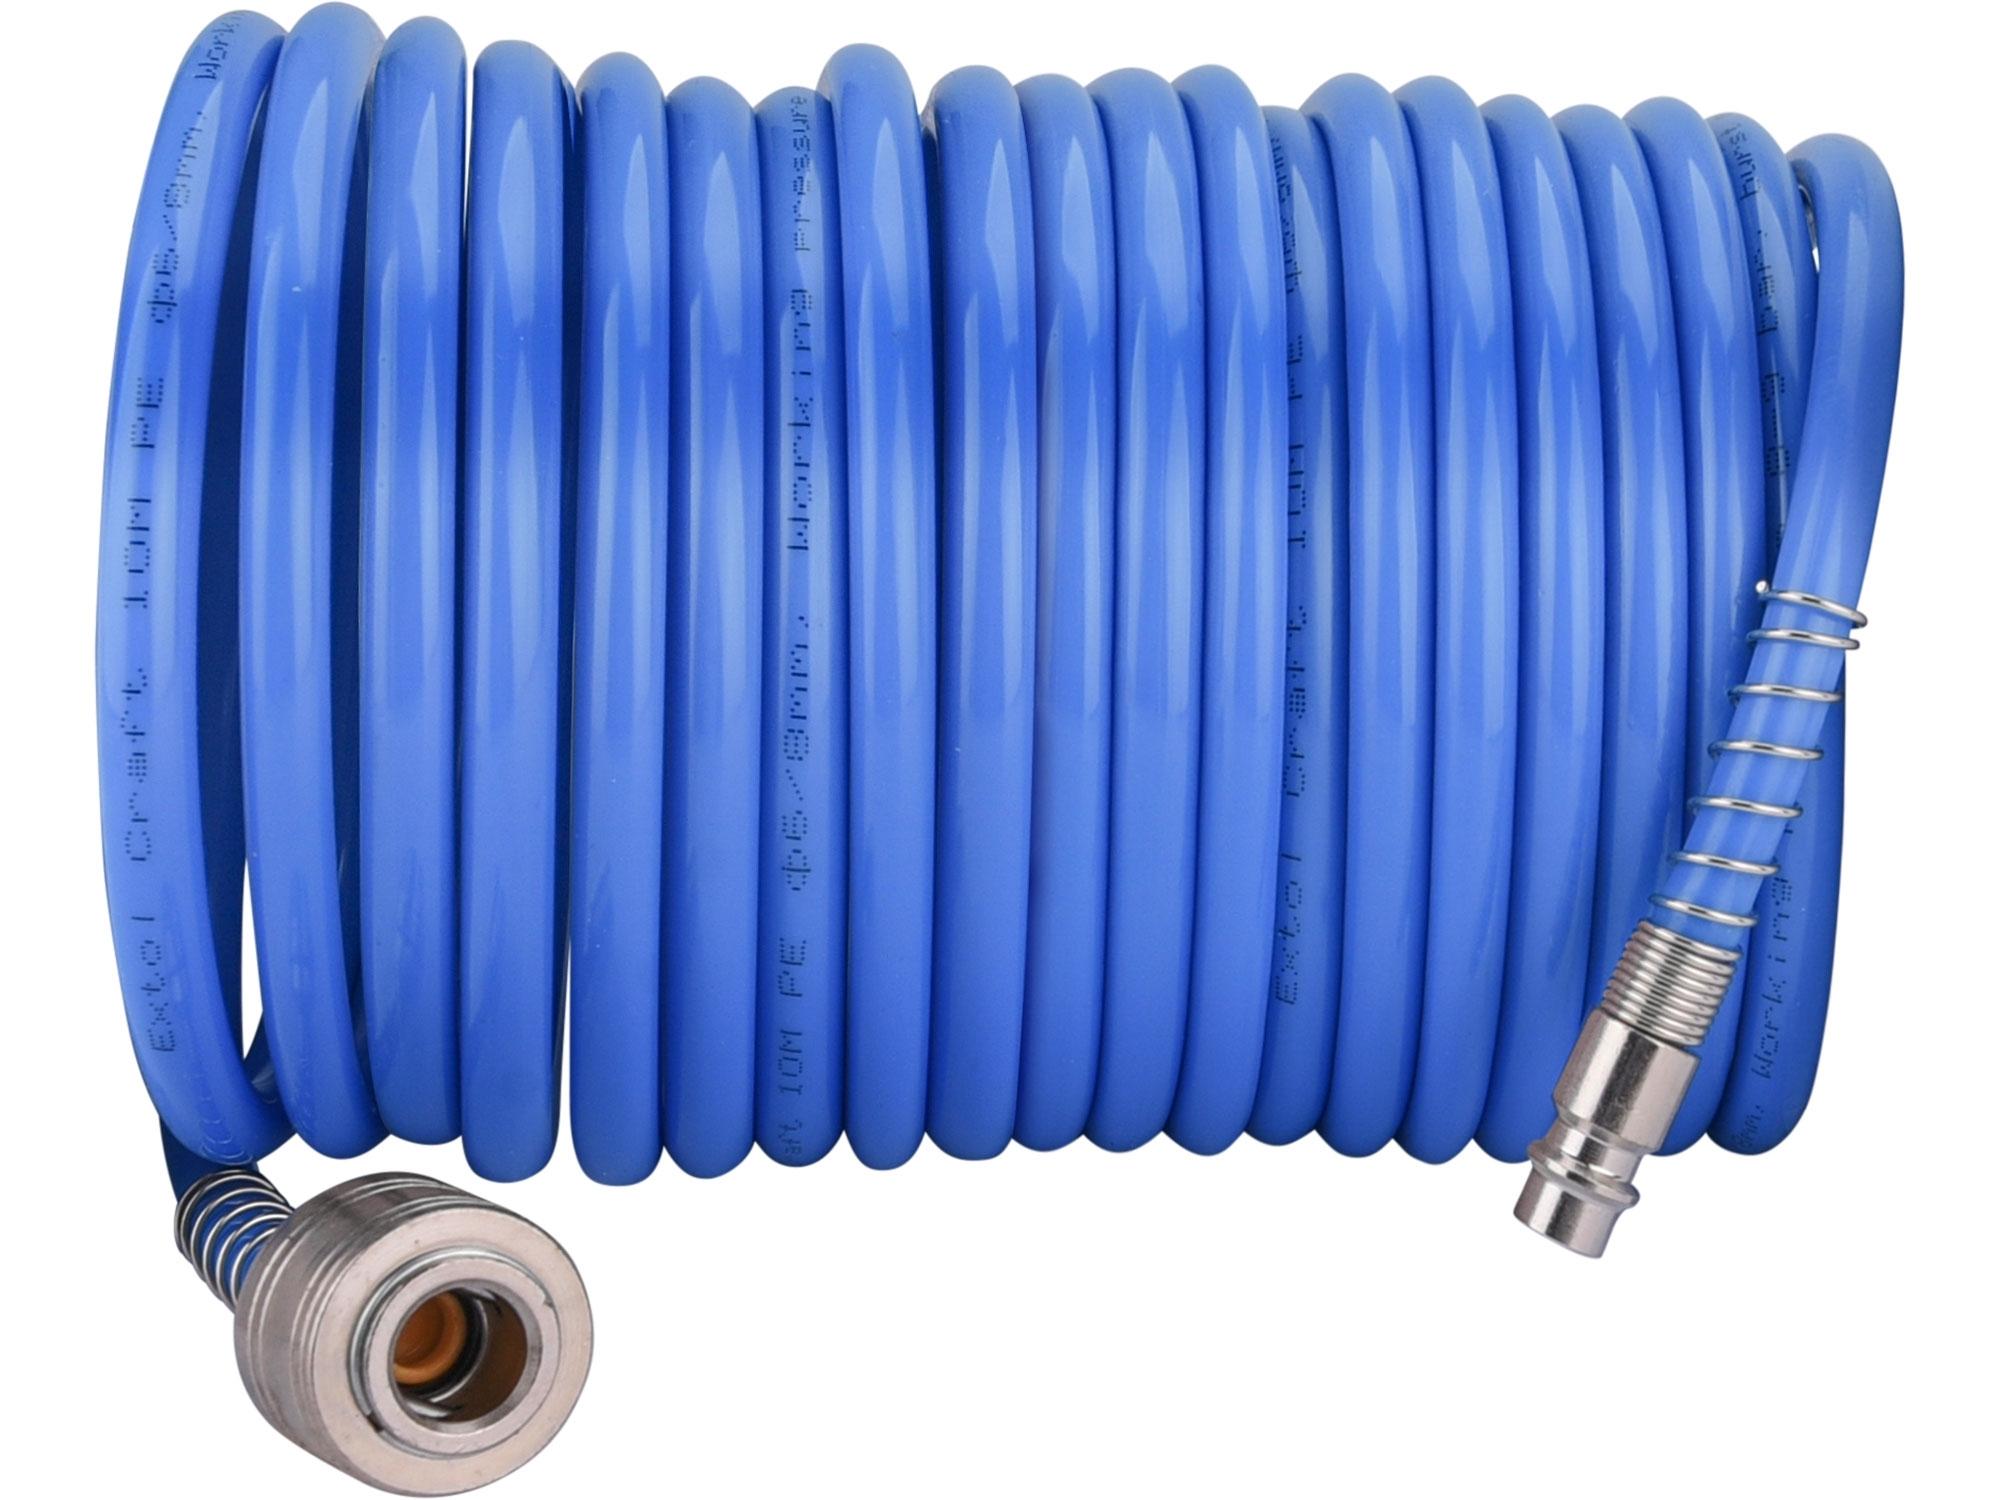 """hadice vzduchová spirálová s rychlospojkami, 1/4"""", pr.vnitřní 6mm, L 5m, EXTOL CRAFT 99322"""